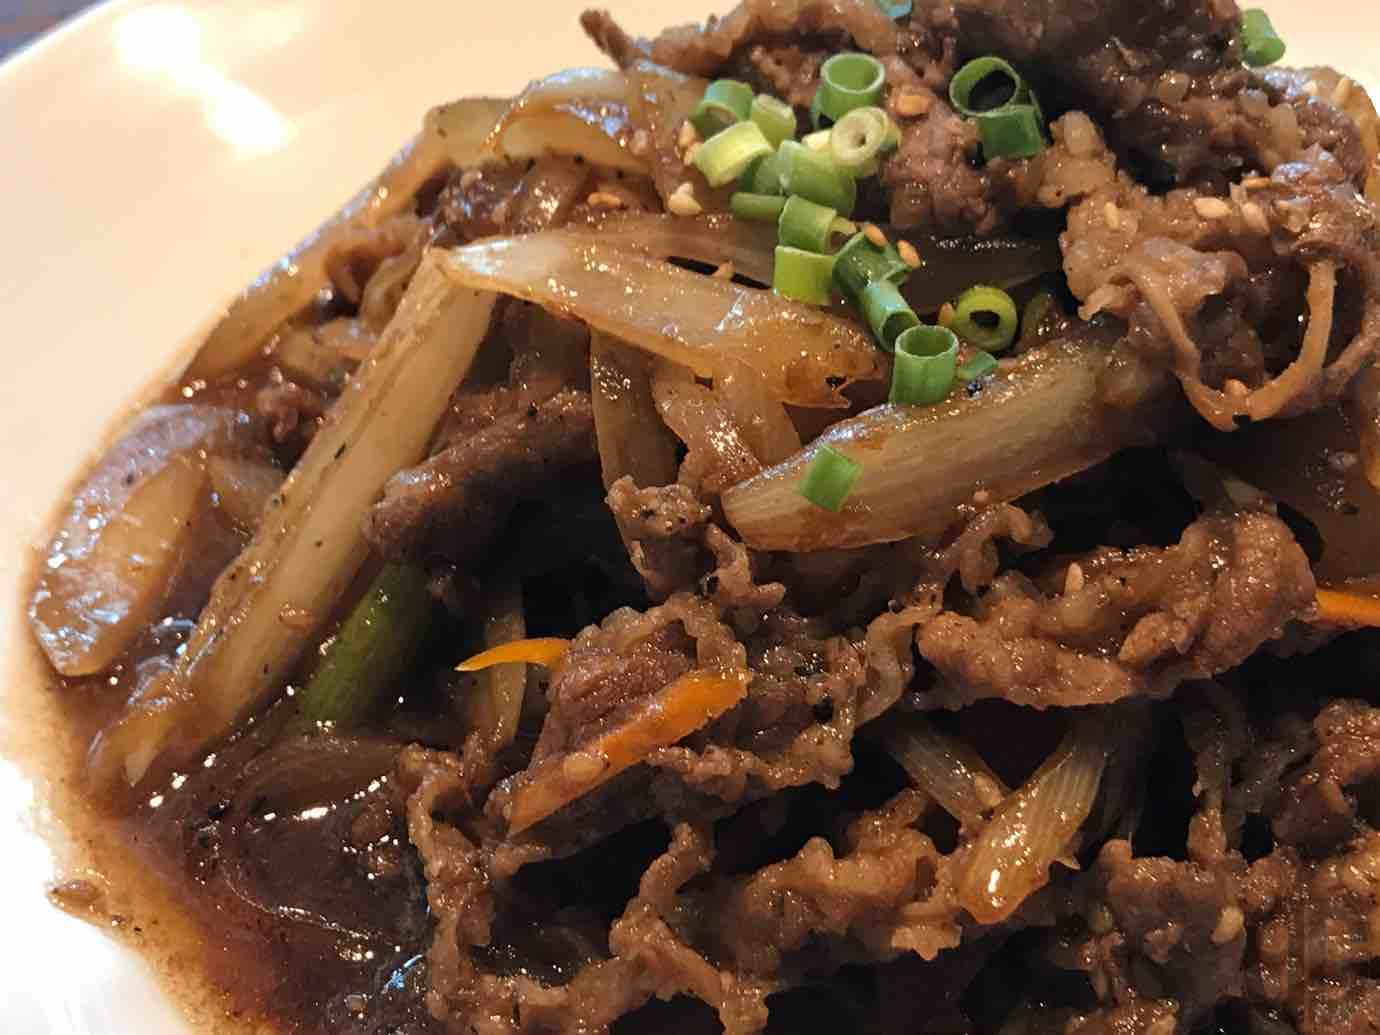 炭火焼肉・韓国料理Kollabo神楽坂店でプルゴギ定食をいただく